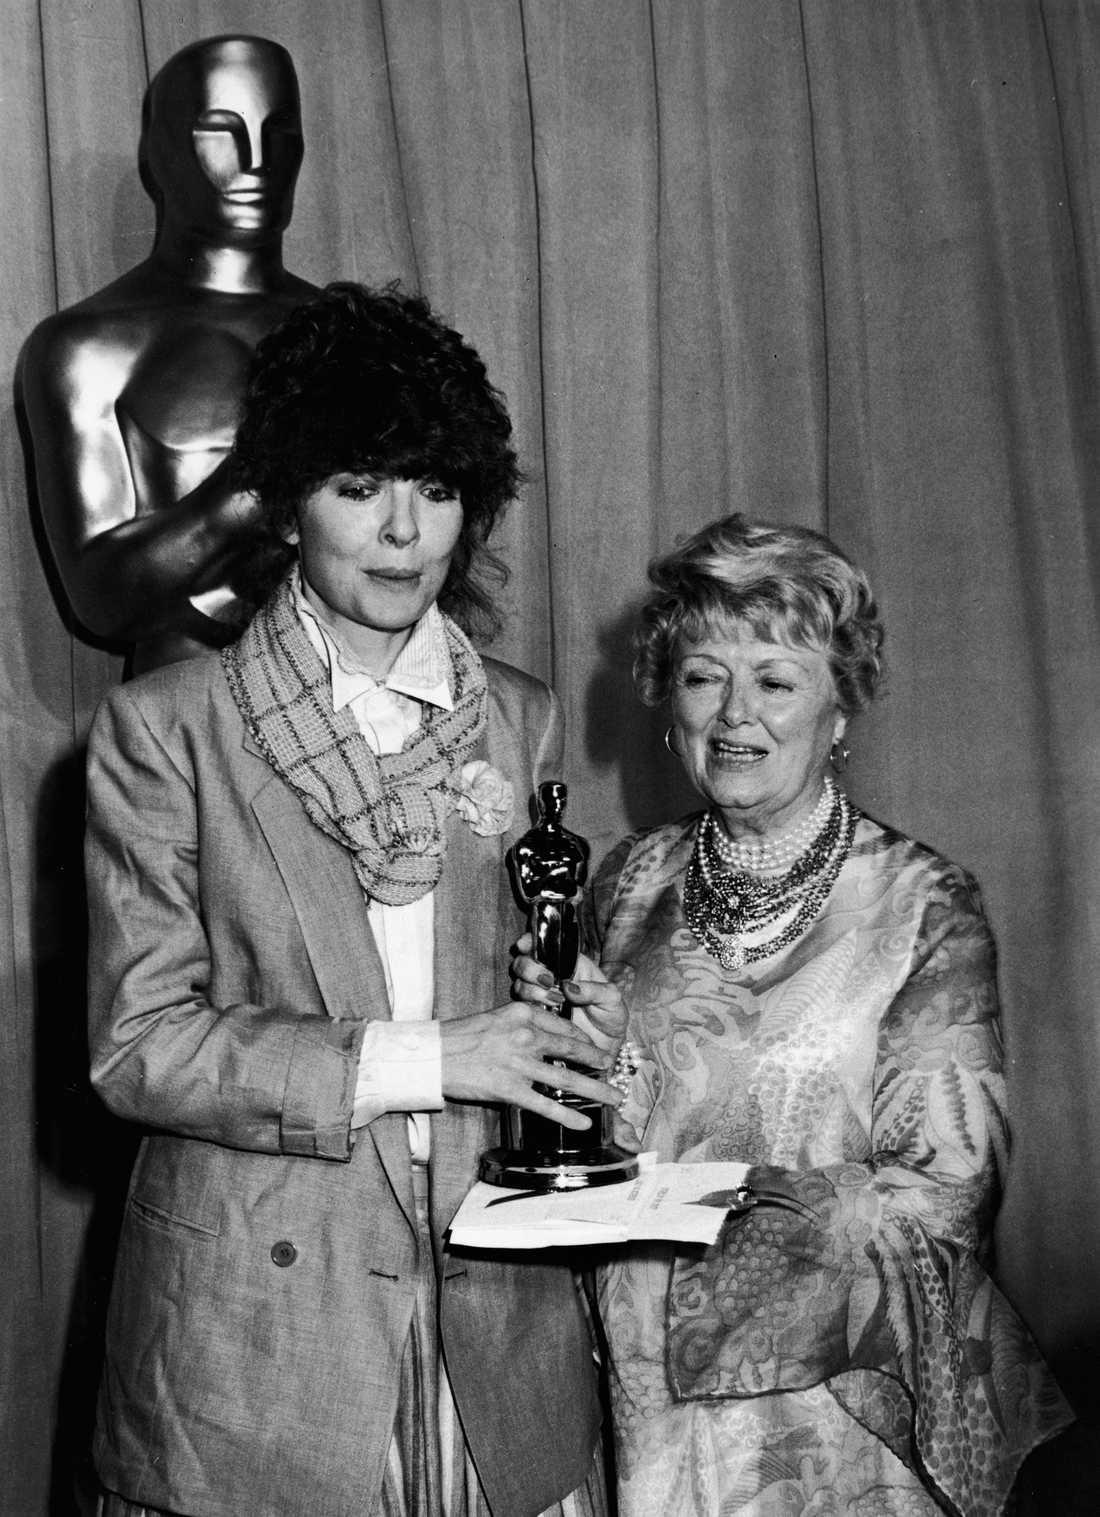 """Diane Keaton 1978 """"Keaton har precis samma jag-gör-som-jag-vill-attityd som Streisand så det var egentligen helt naturligt att hon tog emot en Oscar för hennes roll Annie Hall klädd precis som Annie Hall. Filmens kostymör protesterade men Woddy Allen övertygade """"Leave her, she's a genious"""". Han har aldrig haft mer rätt."""""""